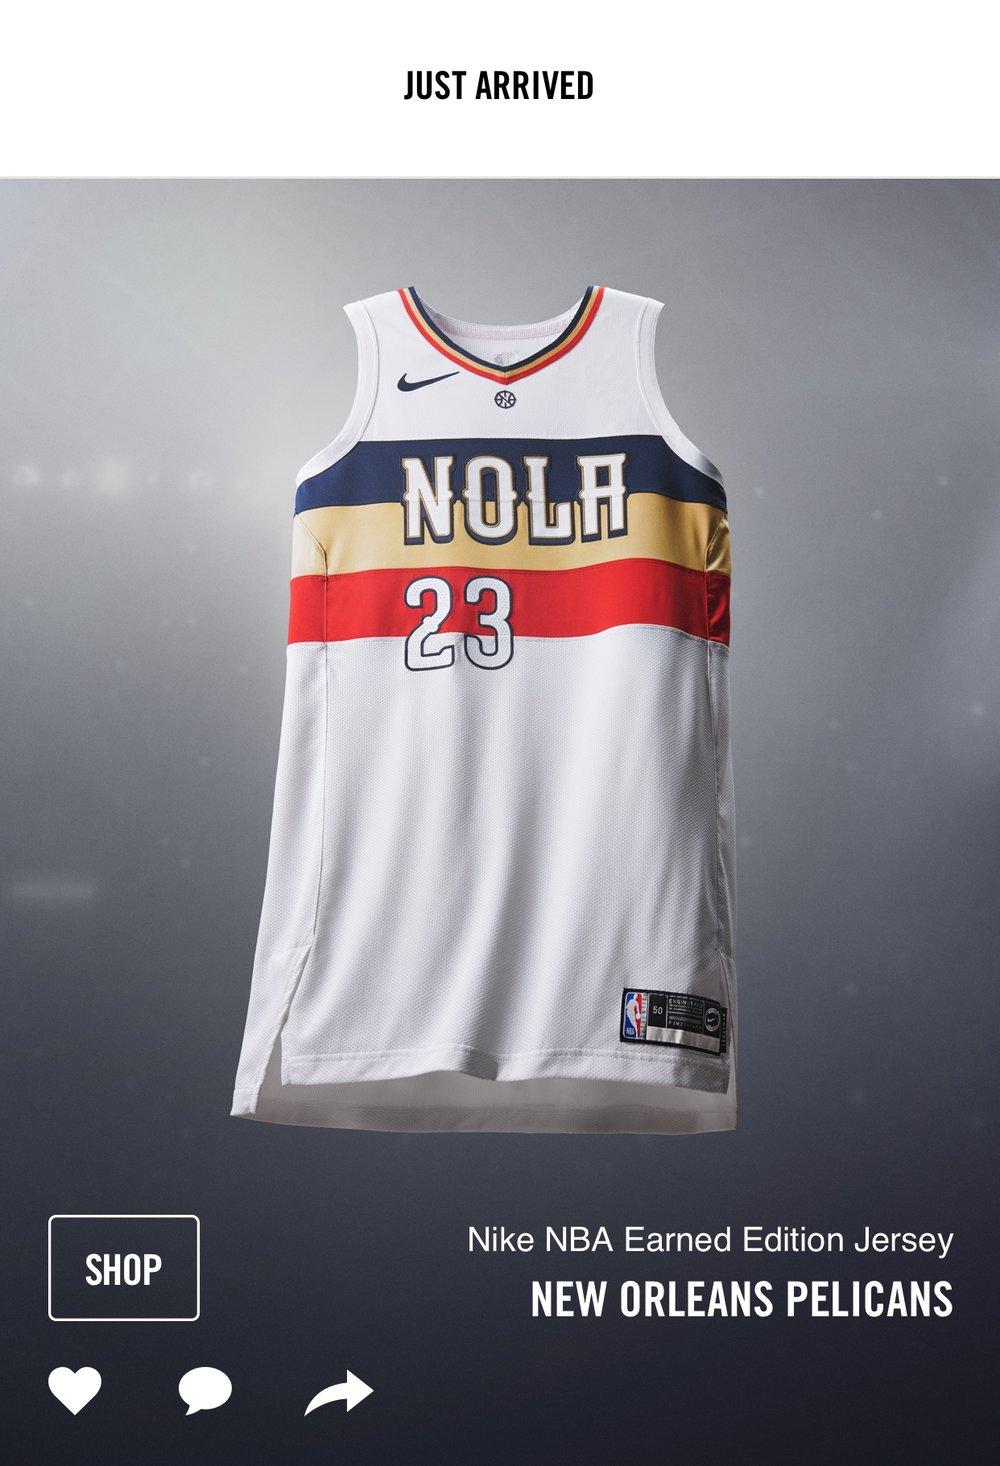 Nike_NBA_EE_New Orleans_Pelicans_APP_FeedCard_NoCTA.jpg